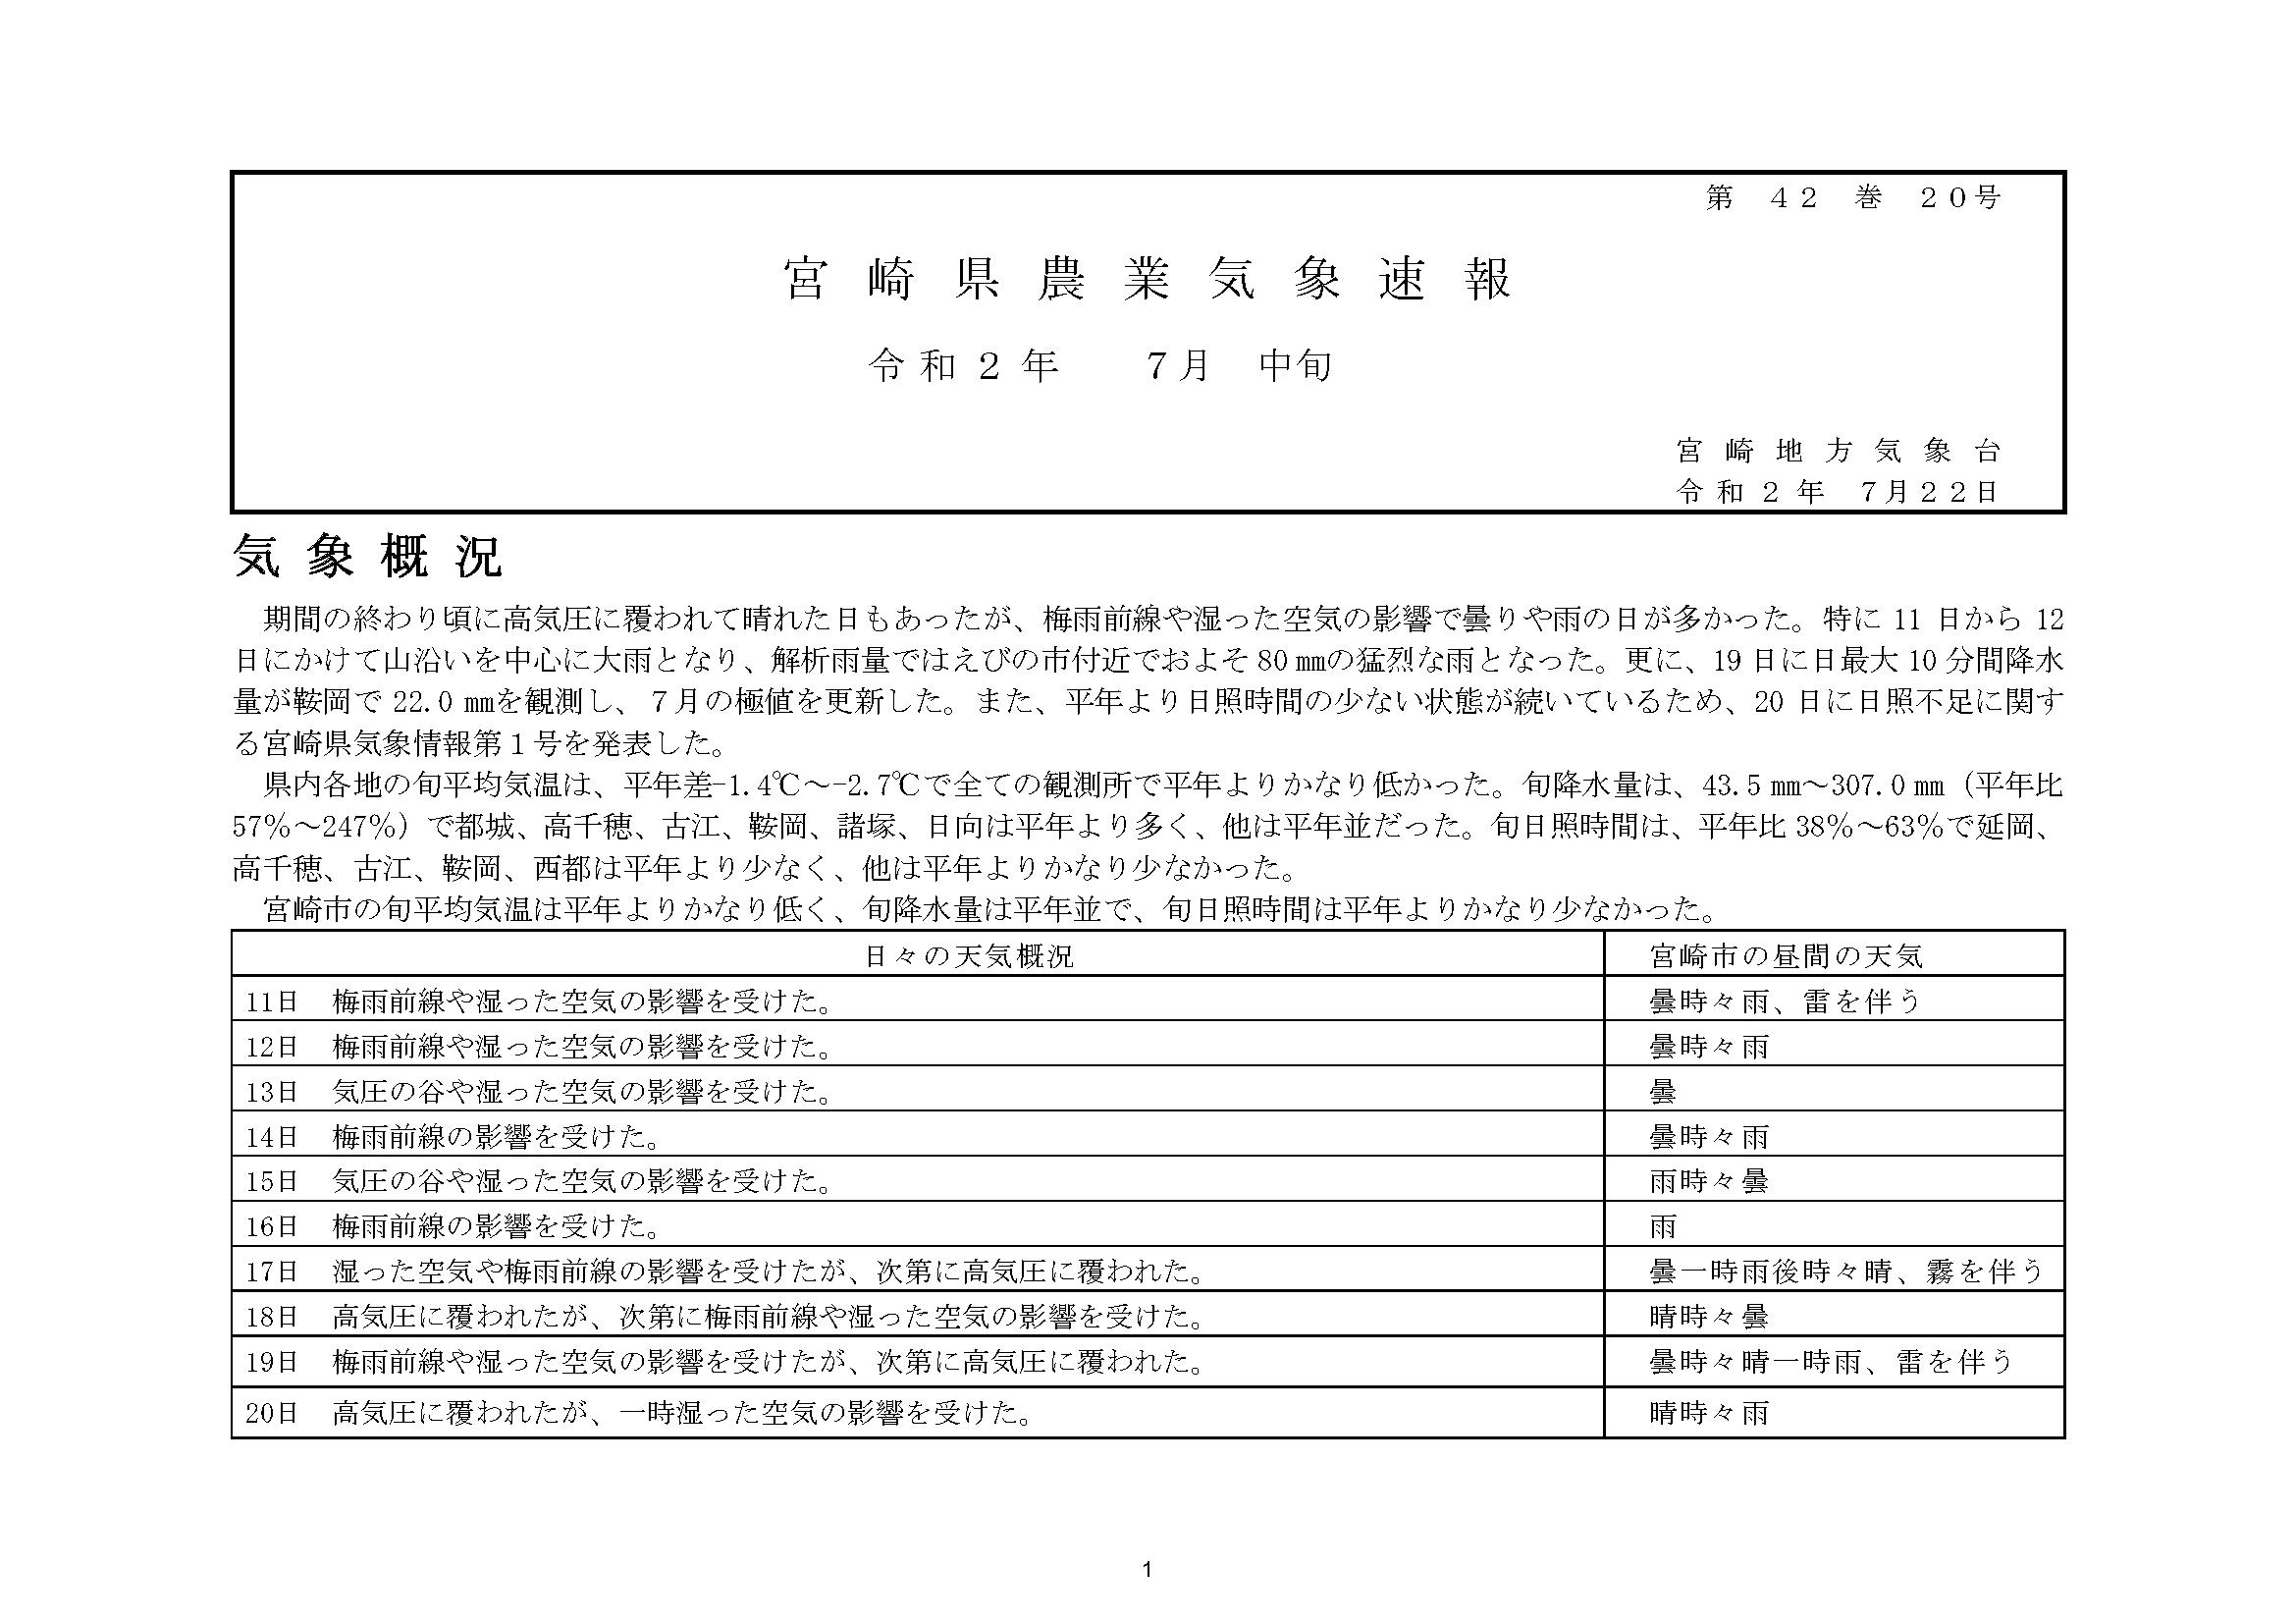 宮崎県農業気象速報令和2年7月中旬PDF